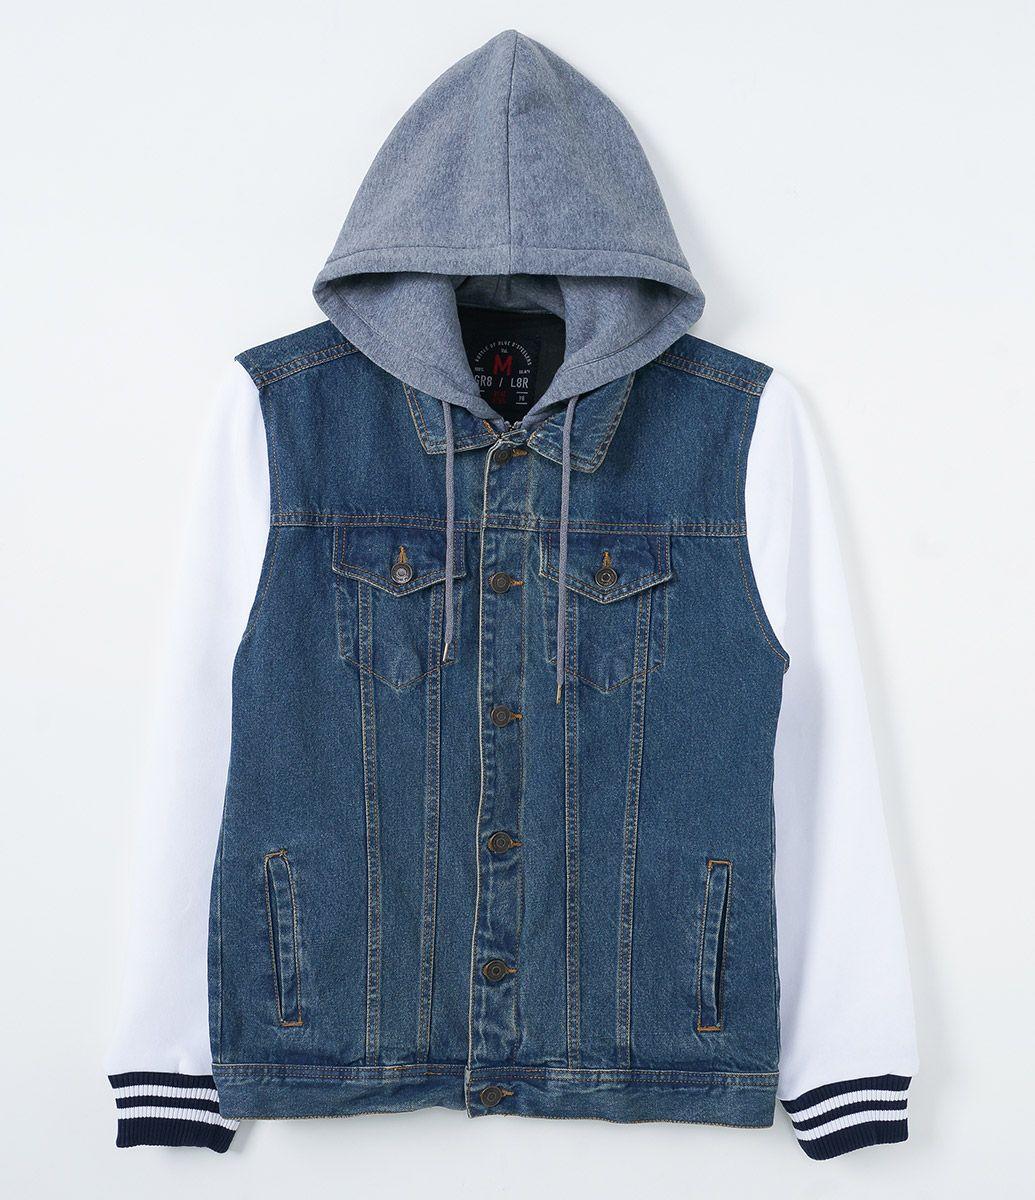 Jaqueta masculina Com capuz em moletom Marca  Blue Steel Tecido  material  sintético Composição  100% algodão Composição das mangas e capuz  60%  algodão 3fc1776720b